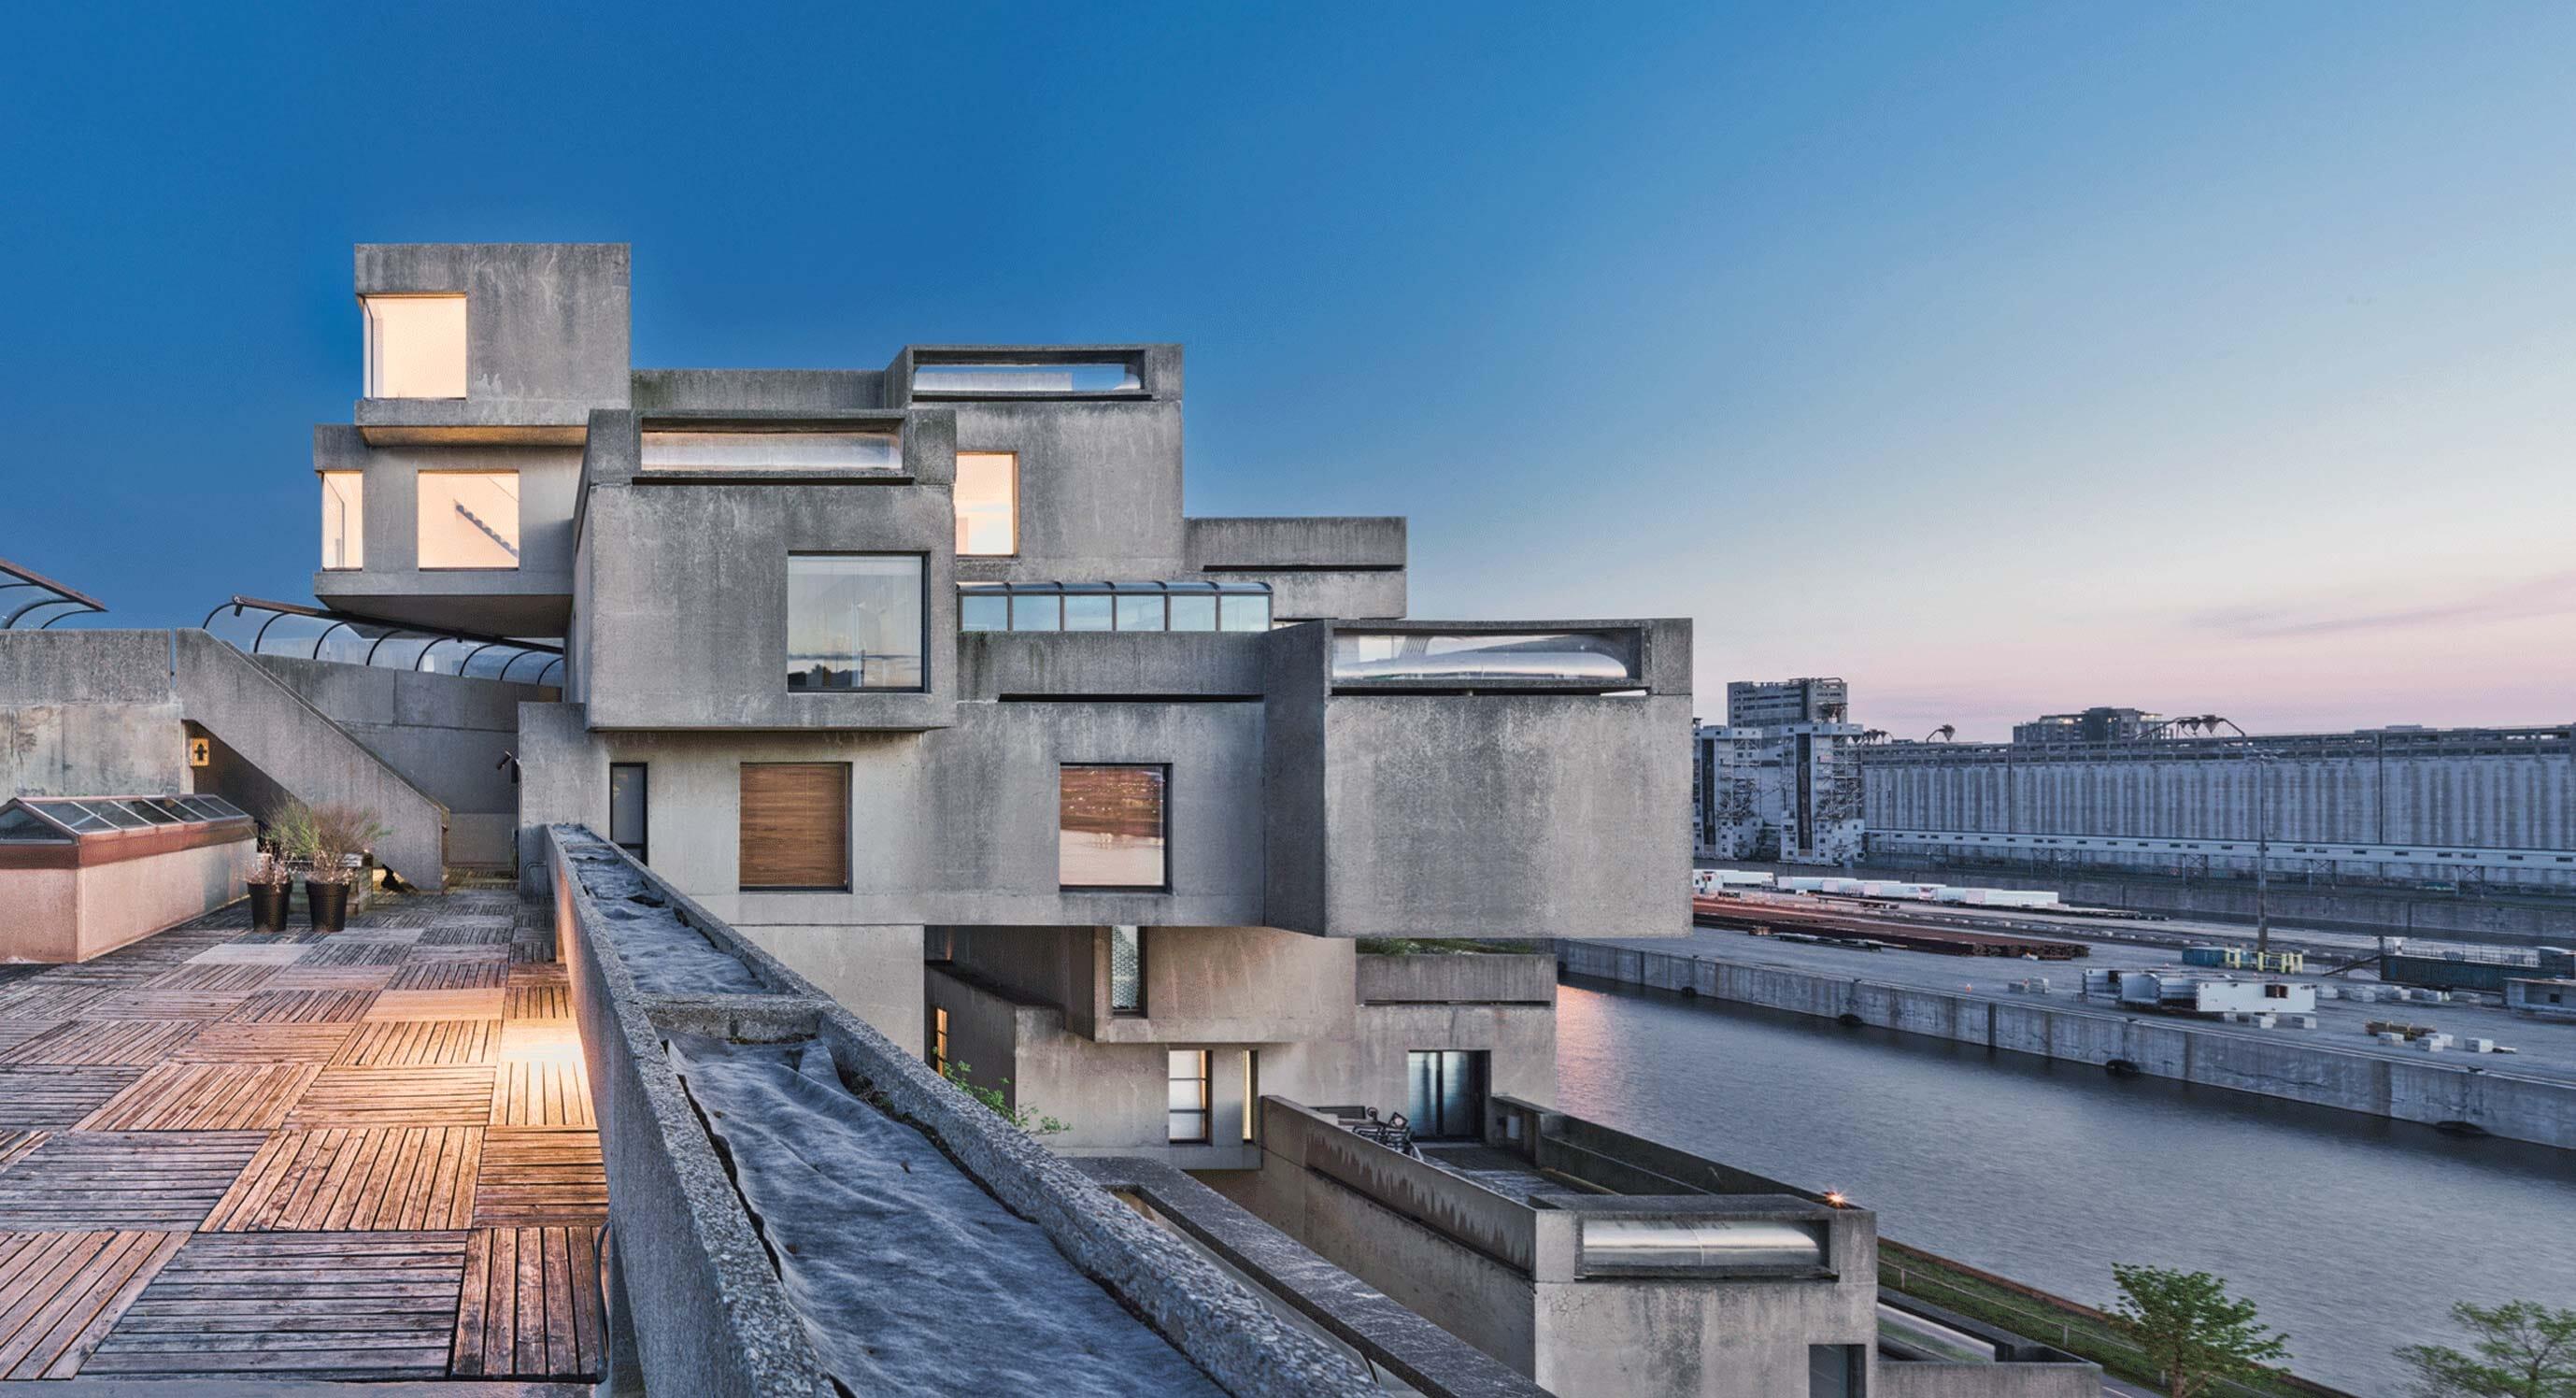 Moshe Safdie's Habitat 67 House Restored For 50th Anniversary